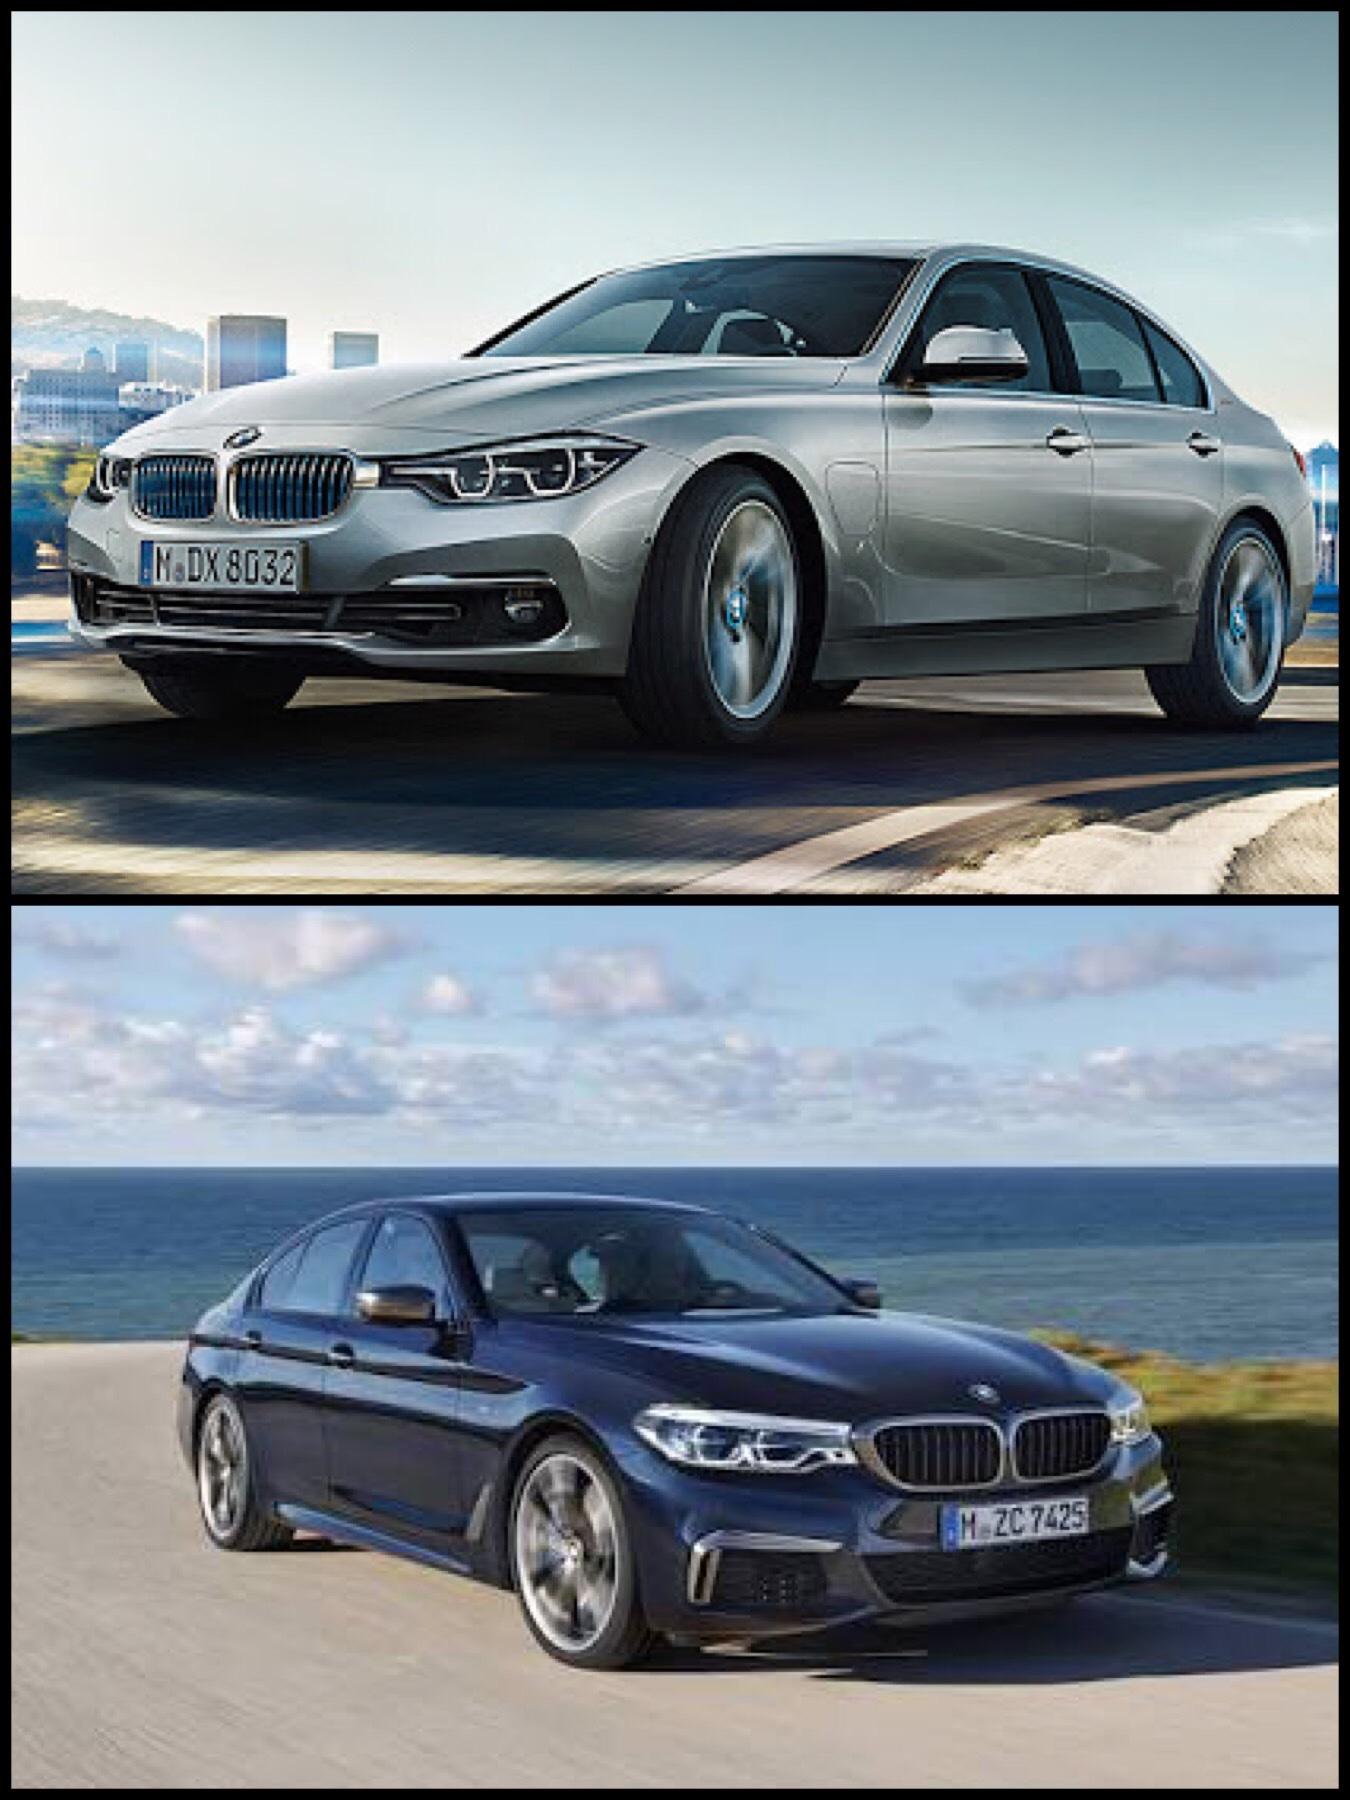 BMW 330e iパフォーマンス 530e i パフォーマンス